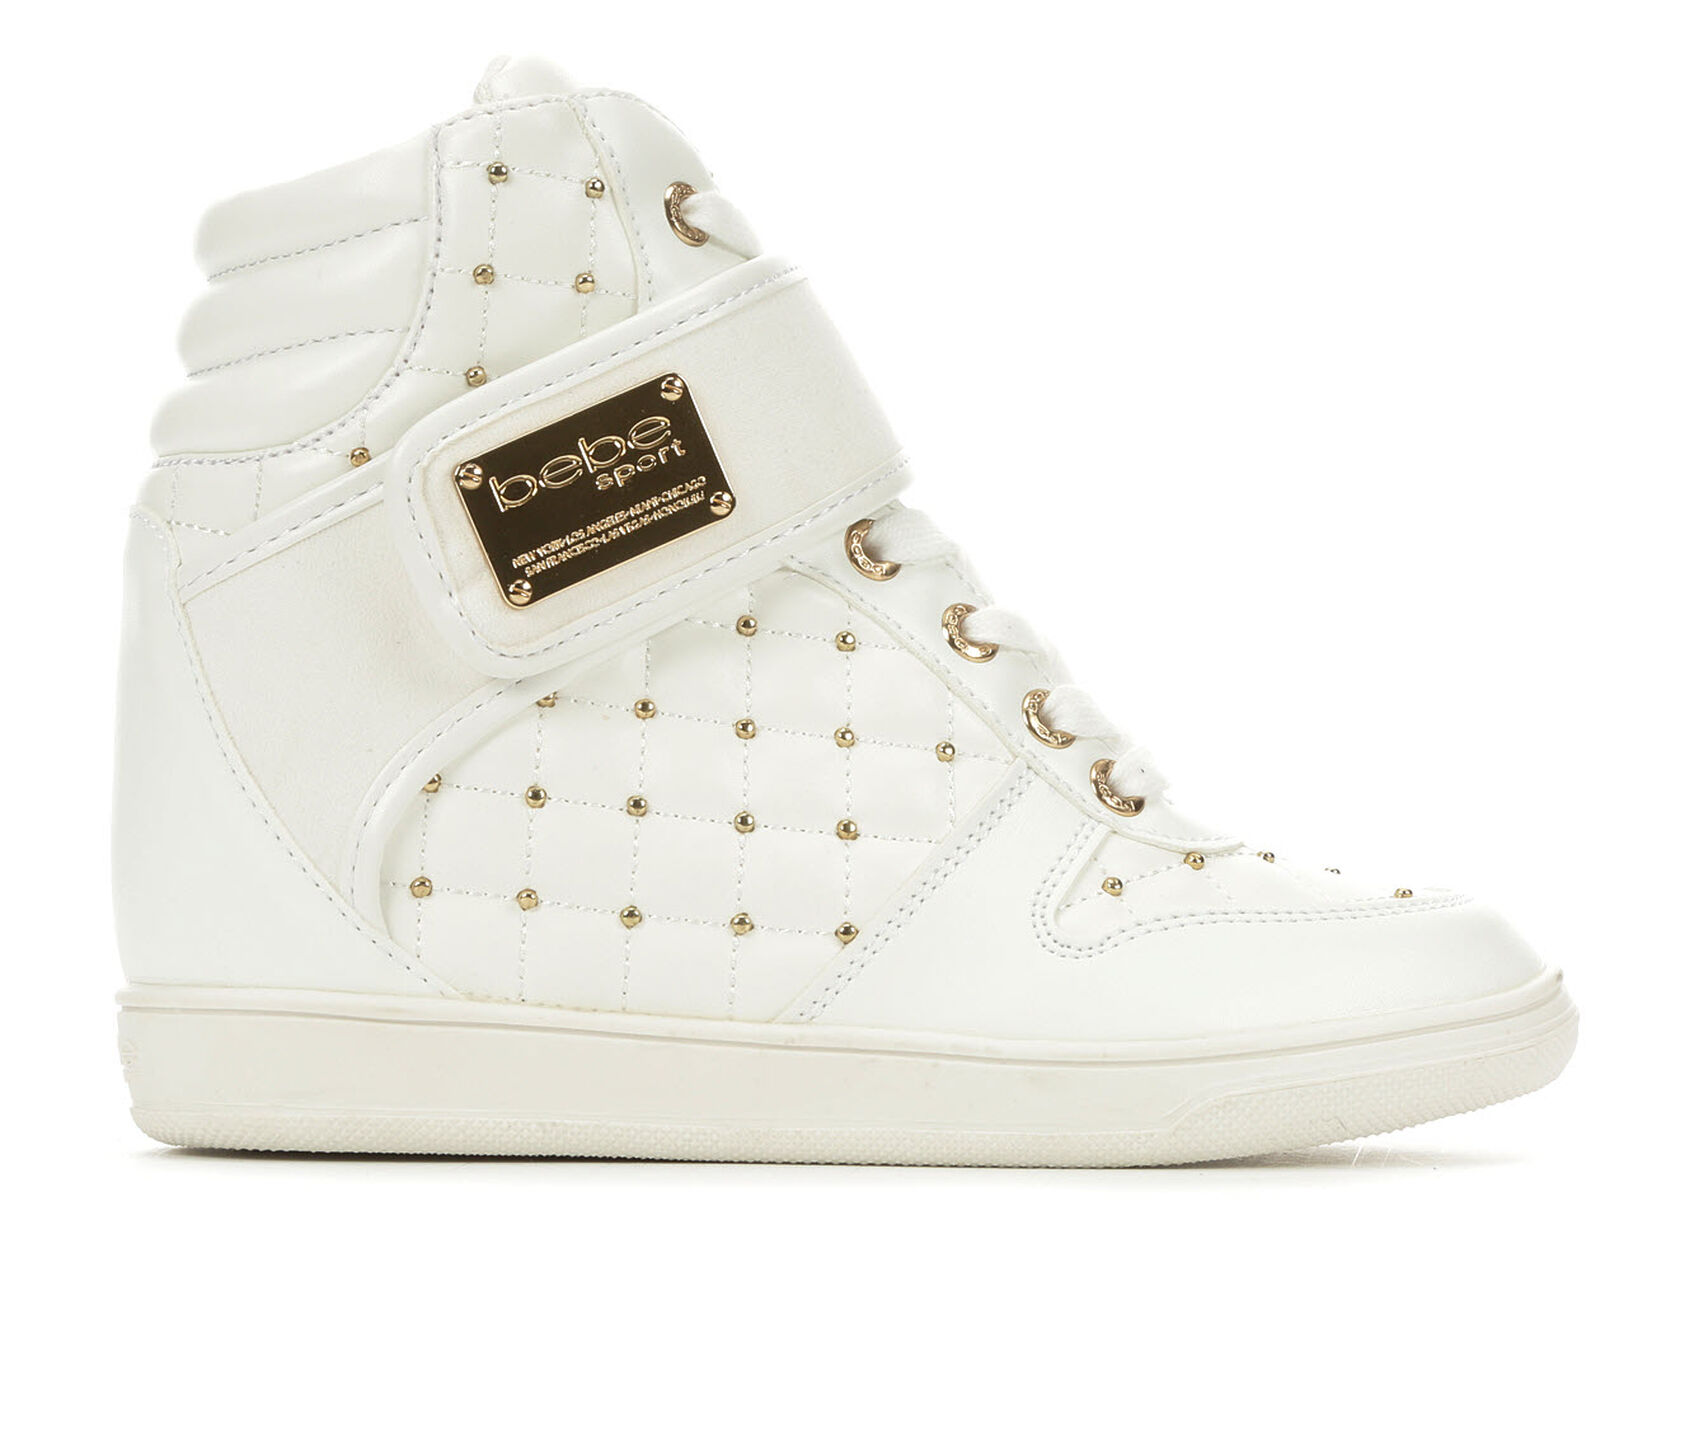 b2494164cd3 Women s Bebe Sport Cadyna Sneakers